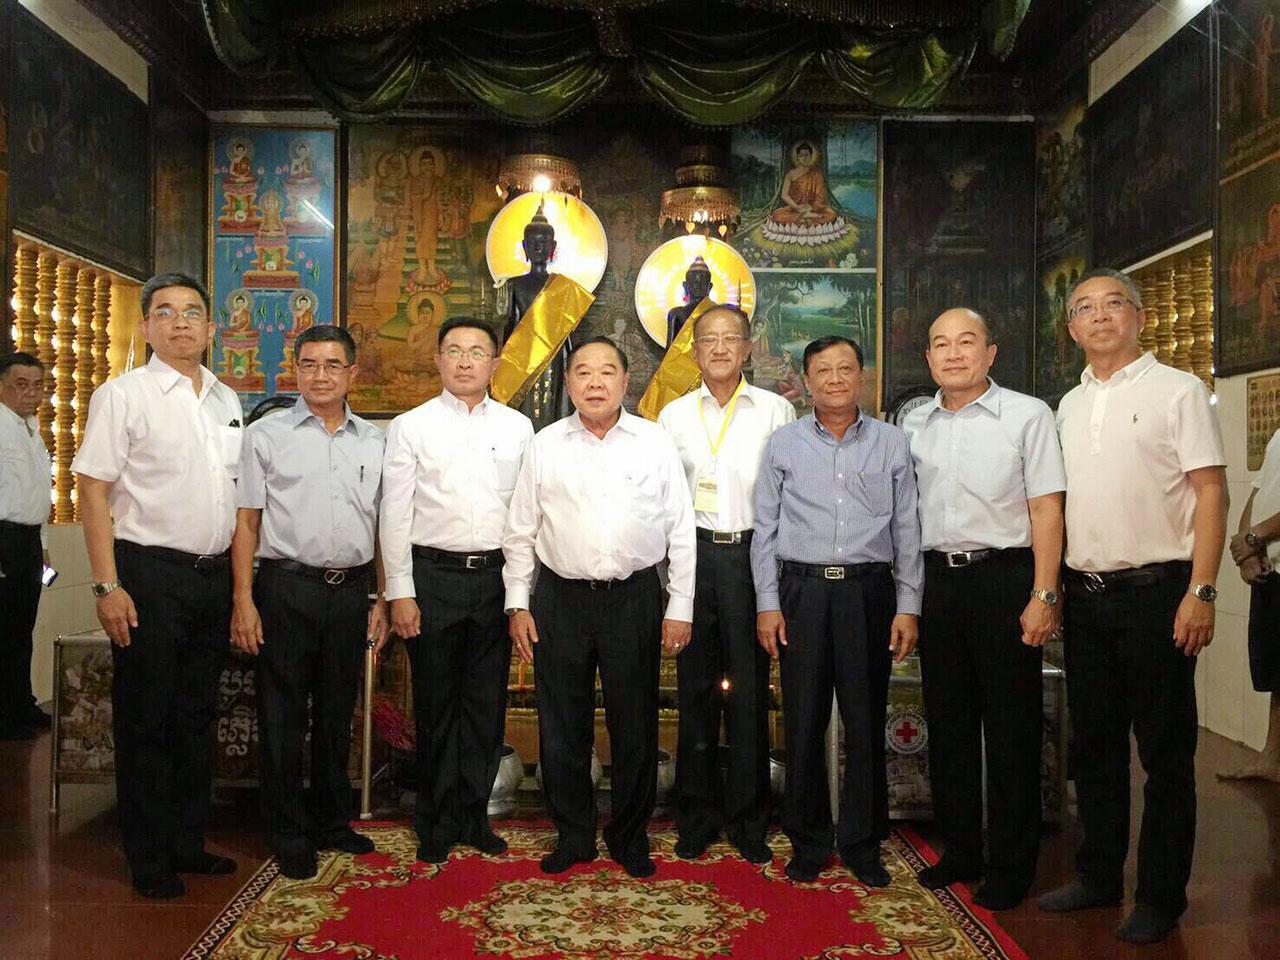 สักการะ พล.อ.ประวิตร วงษ์สุวรรณ รองนายกรัฐมนตรี และ รมว.กลาโหม ไปสักการะพระองค์เจกและพระองค์จอม ในการเยือนเมียนมา มี พล.อ.เนียง พาด รมช.กลาโหม กัมพูชา, ณัฏฐวุฒิ โพธิสาโร ร่วมต้อนรับ.